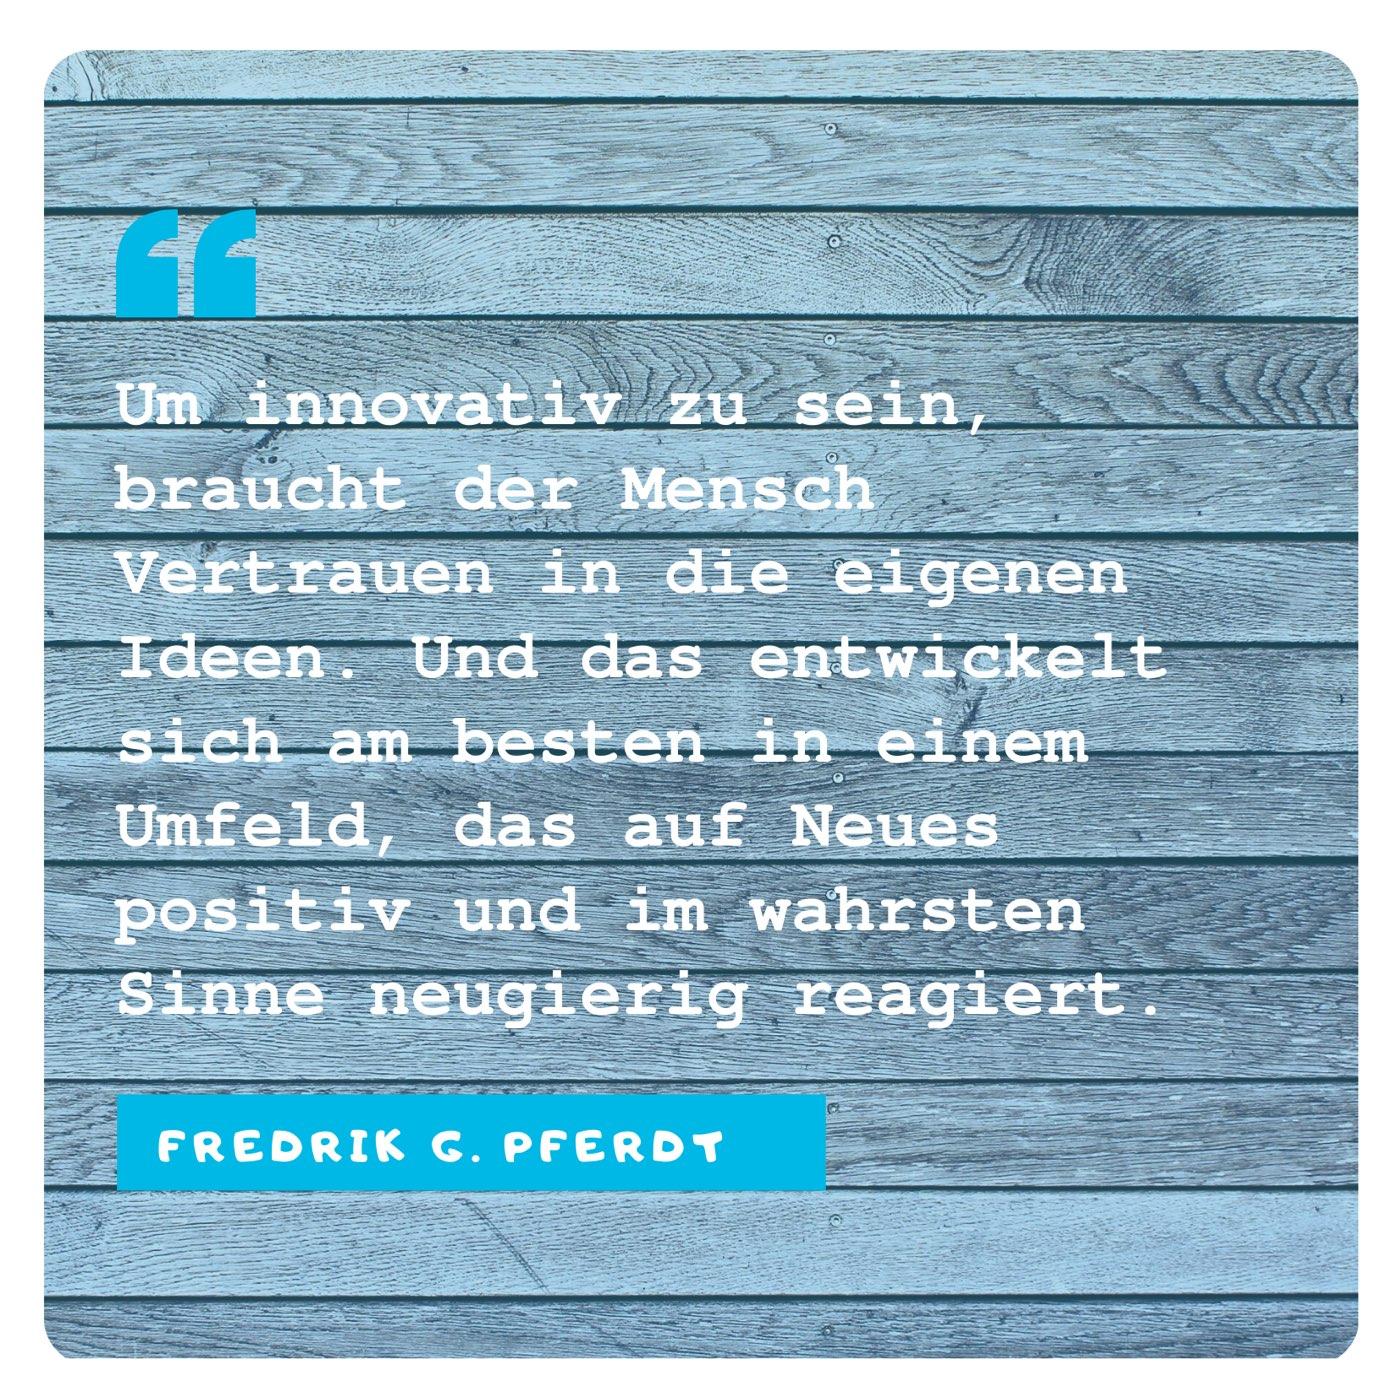 Frederik Pferdt: Innovation